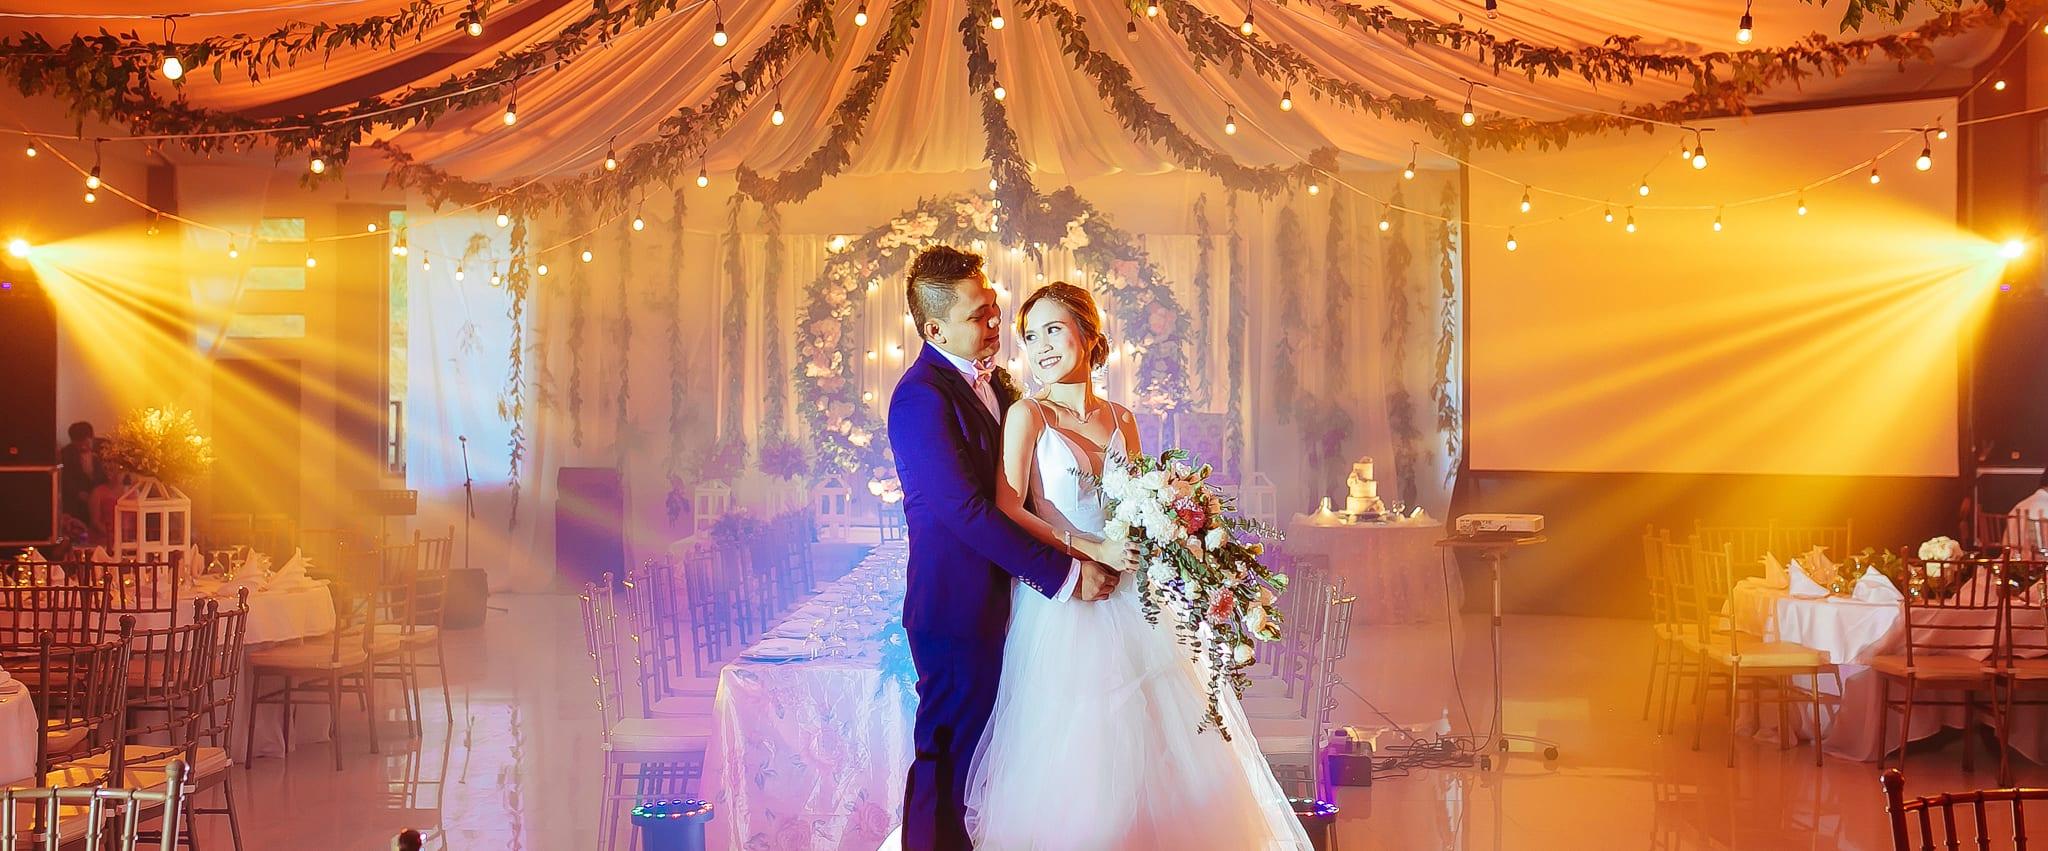 Best Baguio Wedding Photographer